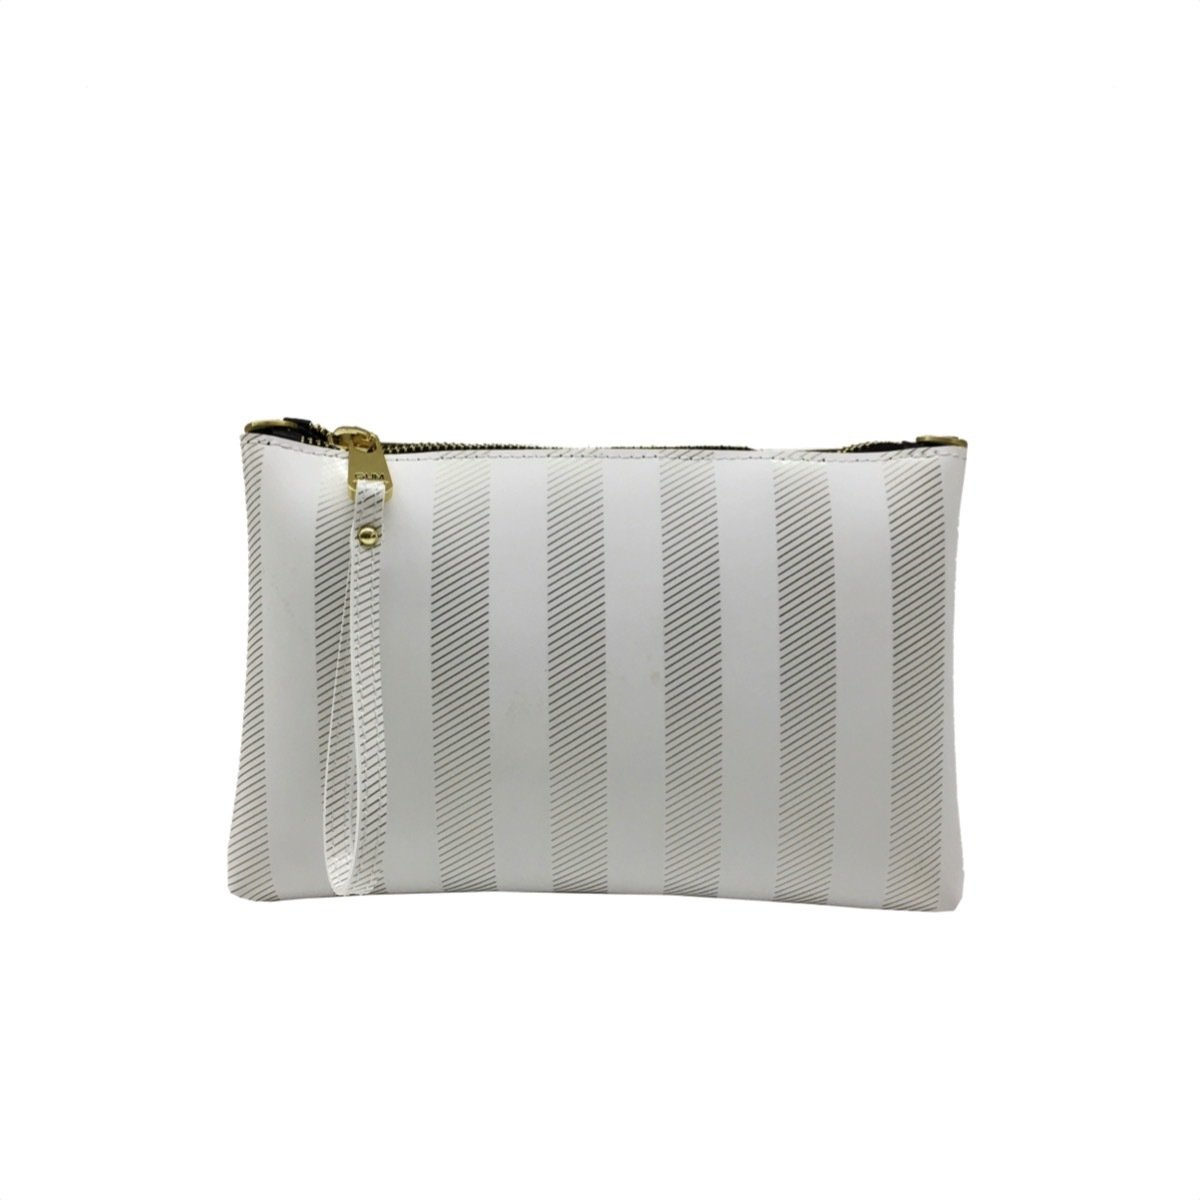 GUM - Numbers Pochette Soft Stripe L - White/Gold